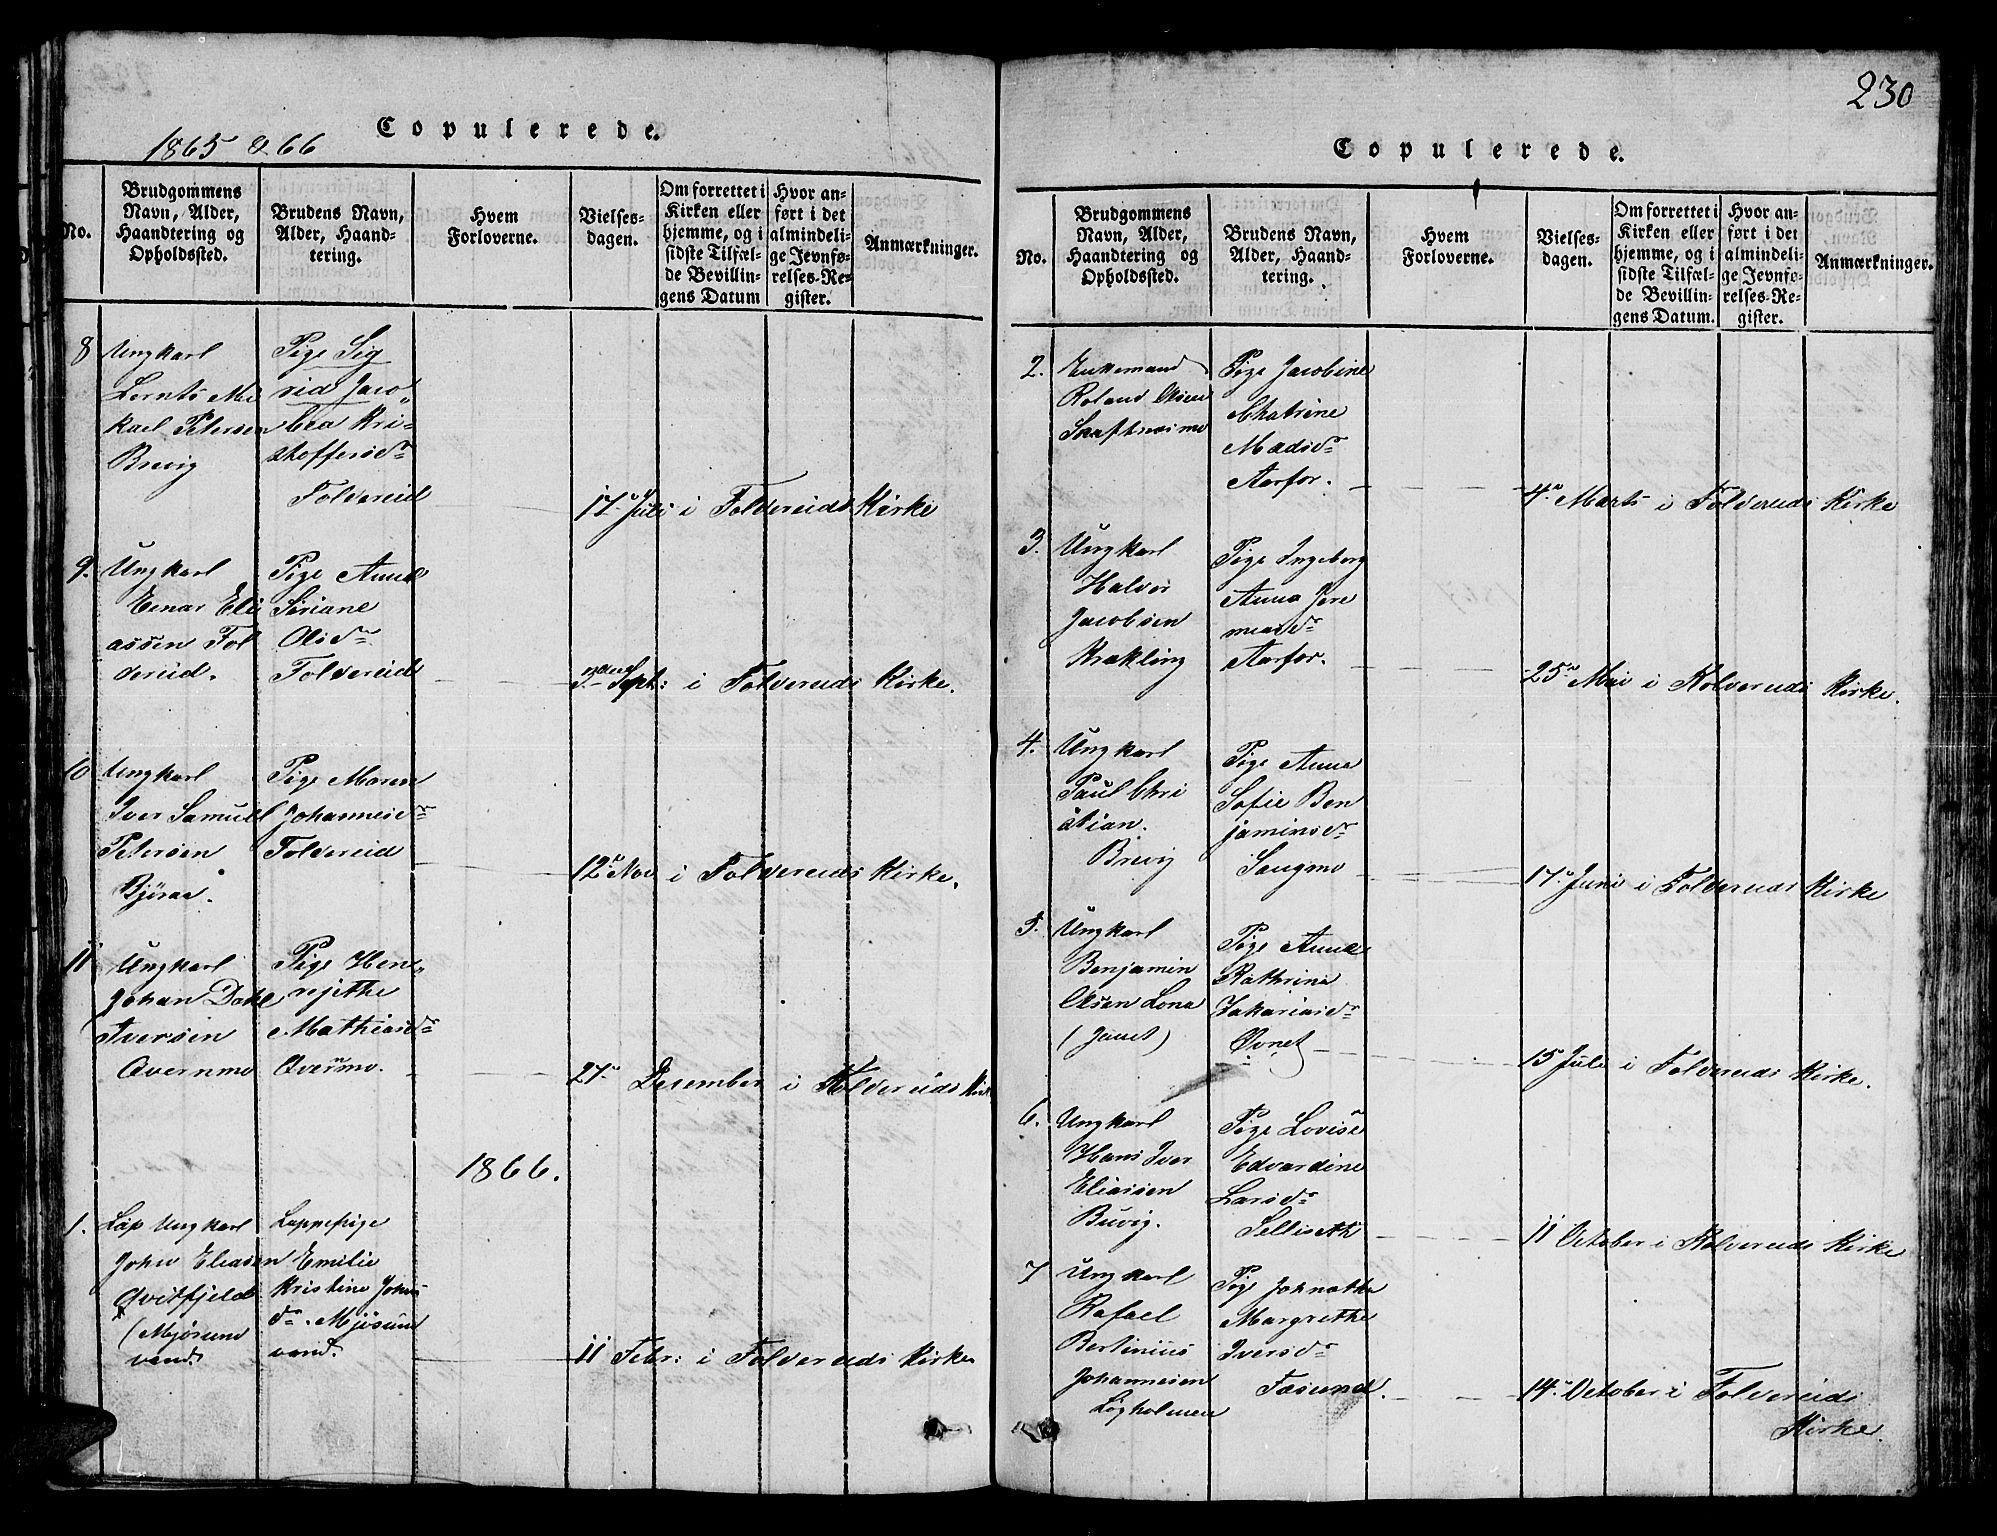 SAT, Ministerialprotokoller, klokkerbøker og fødselsregistre - Nord-Trøndelag, 780/L0648: Klokkerbok nr. 780C01 /3, 1815-1877, s. 230